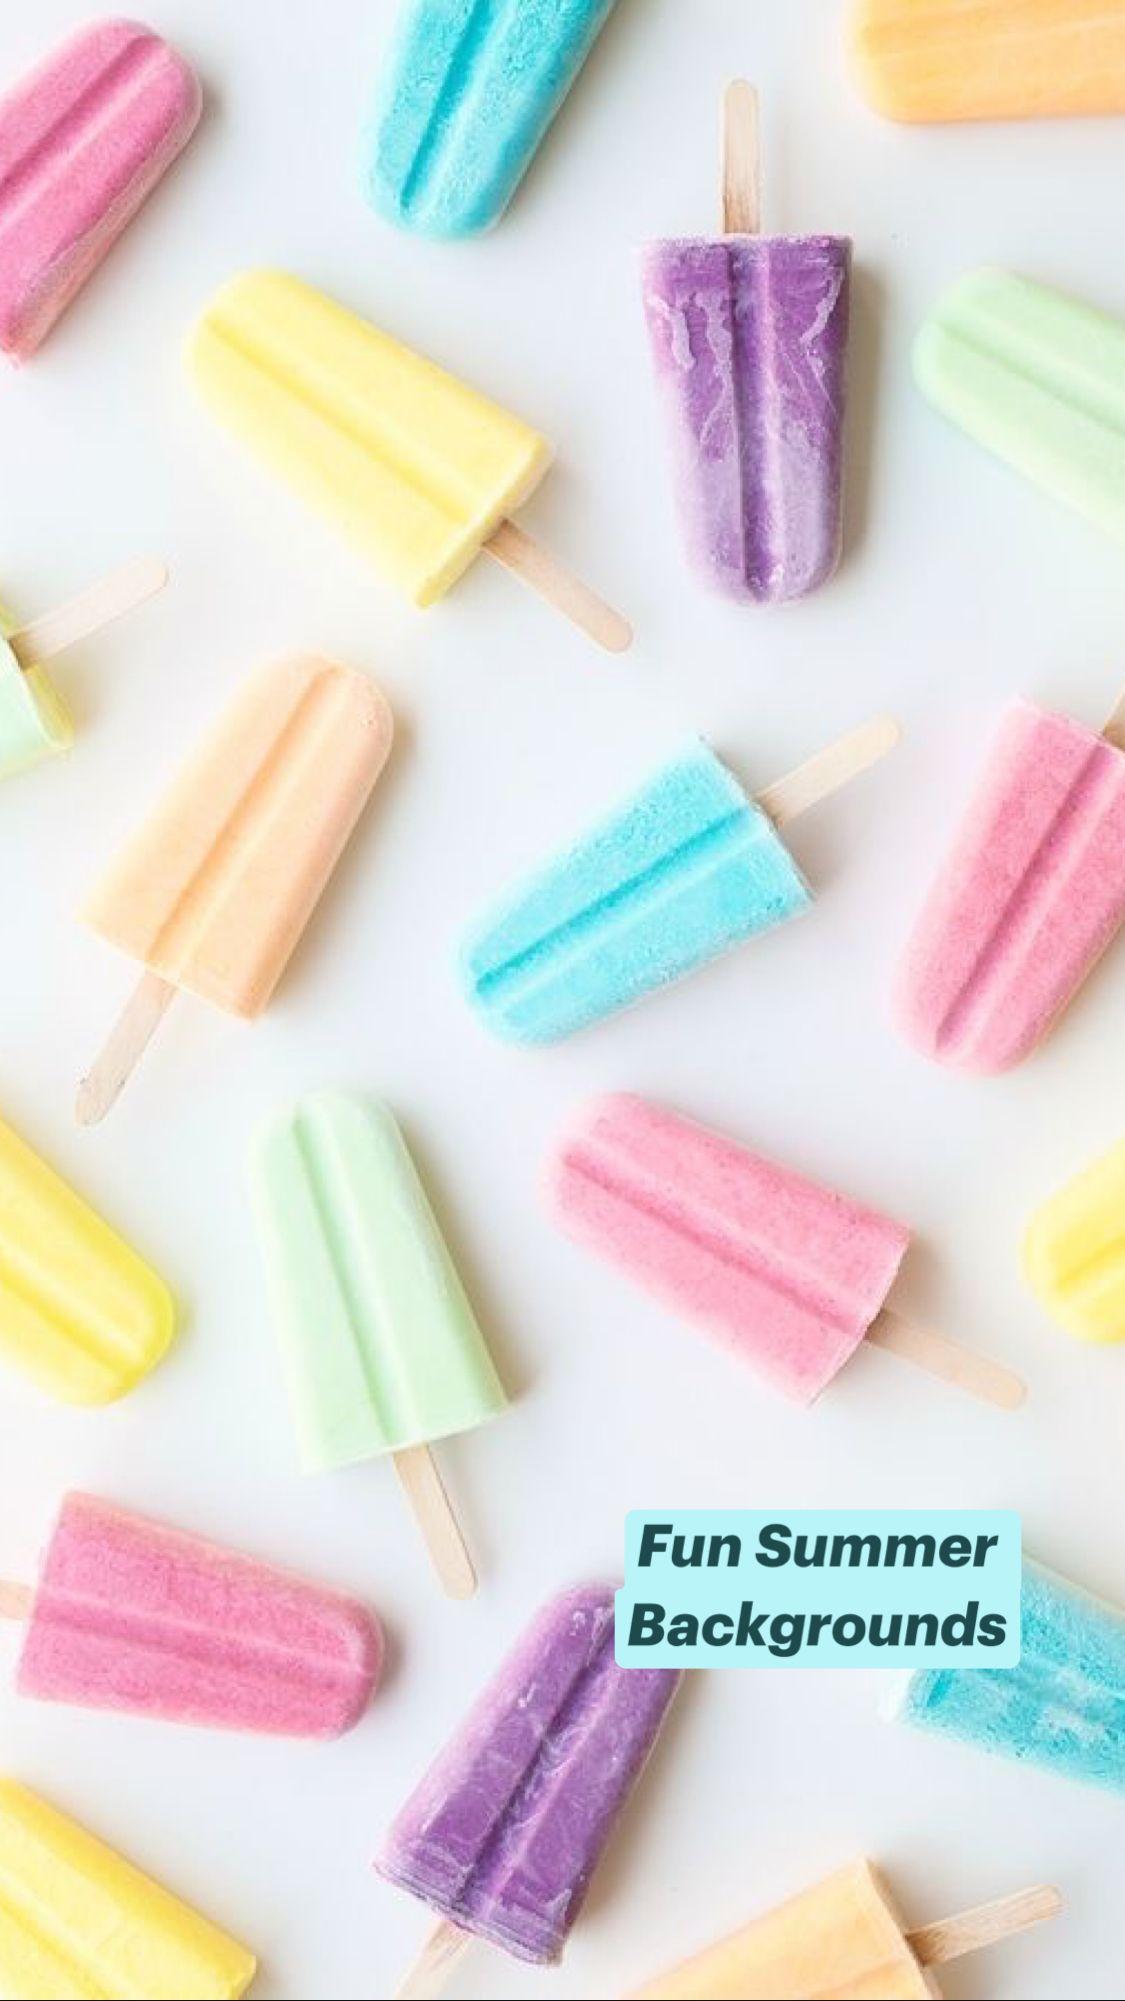 Fun Summer Backgrounds